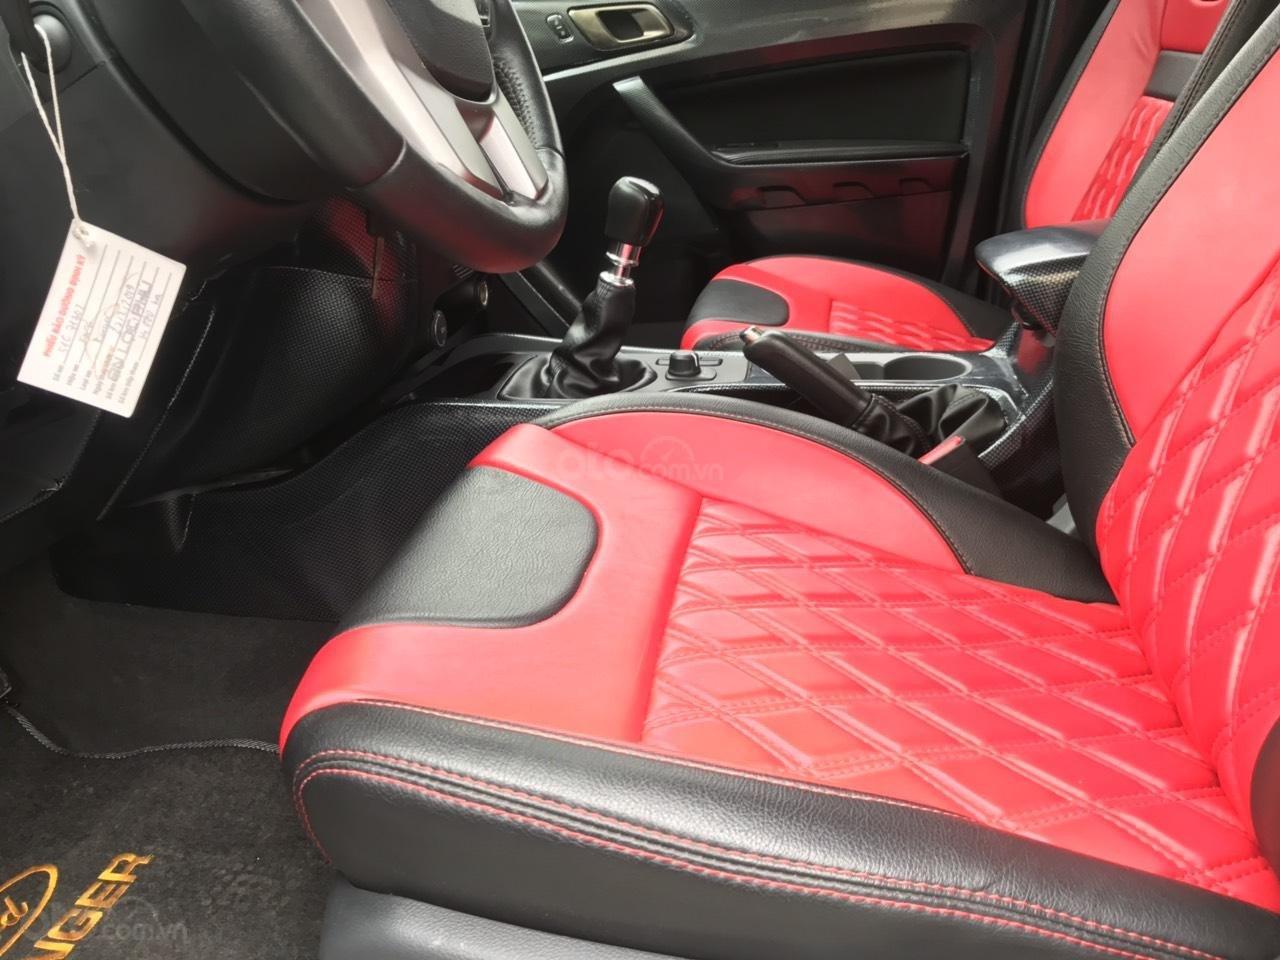 Tín Thành Auto- Ford Ranger XLT 2.2MT model 2016, trả góp lãi suất siêu thấp, liên hệ: Mr. Vũ Văn Huy: 097.171.8228-9